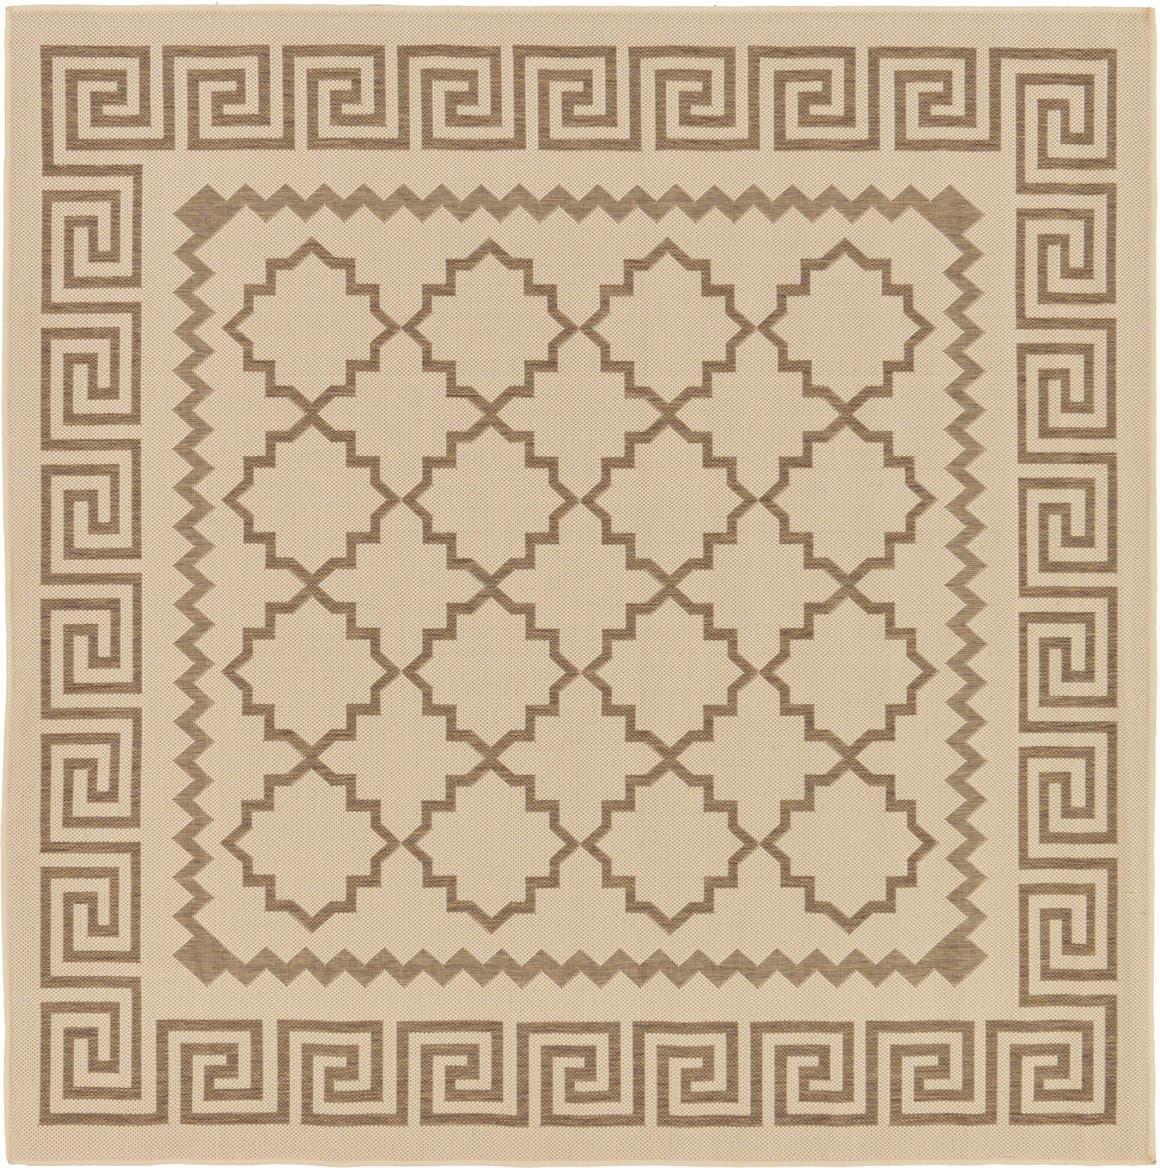 6' x 6' Outdoor Trellis Square Rug main image